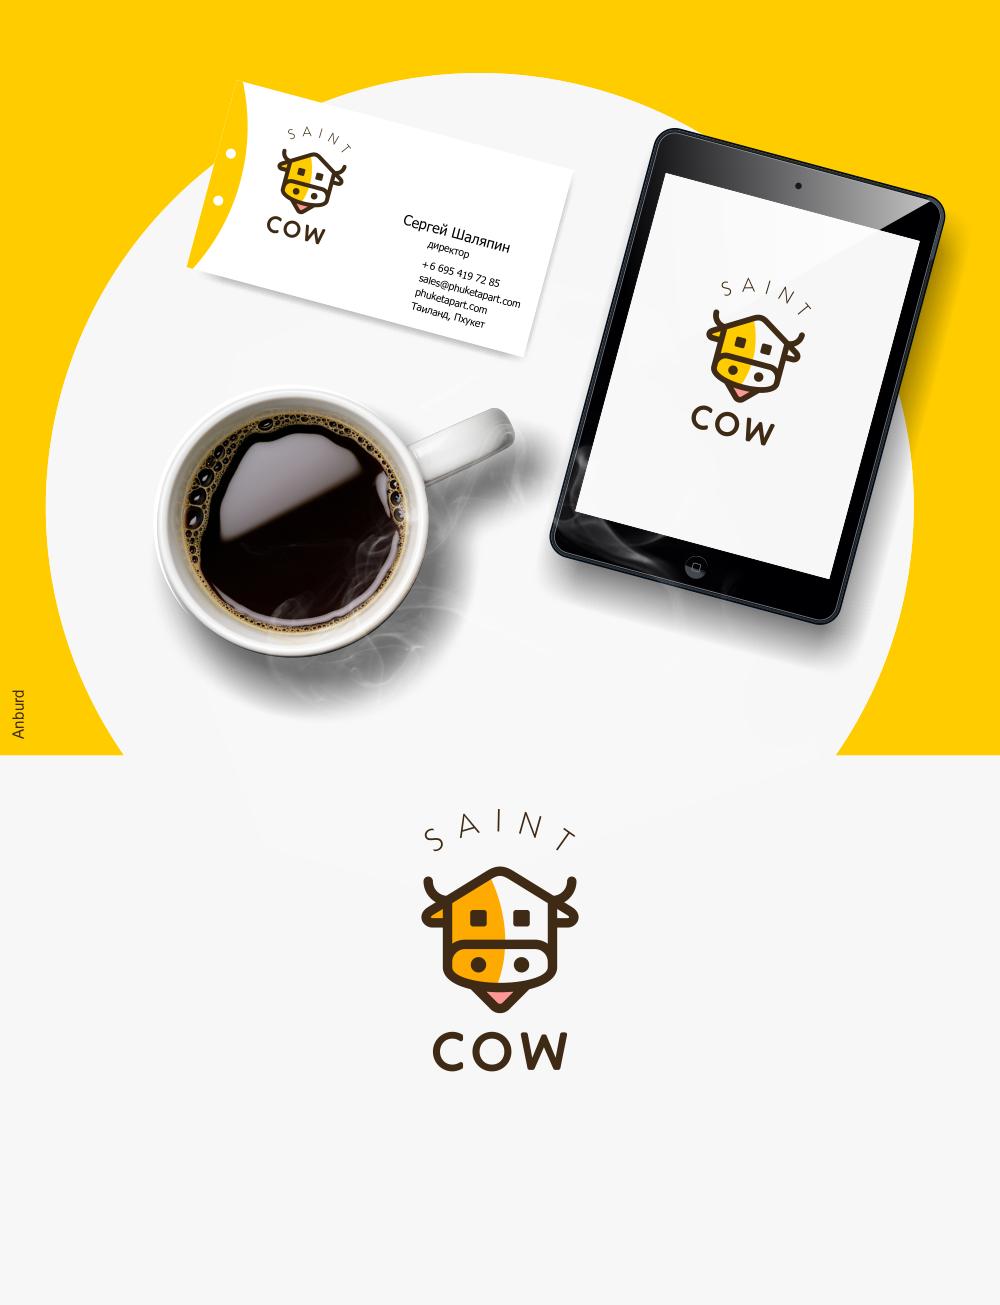 Фирменный стиль для компании Saint Cow фото f_23659c674349d463.png